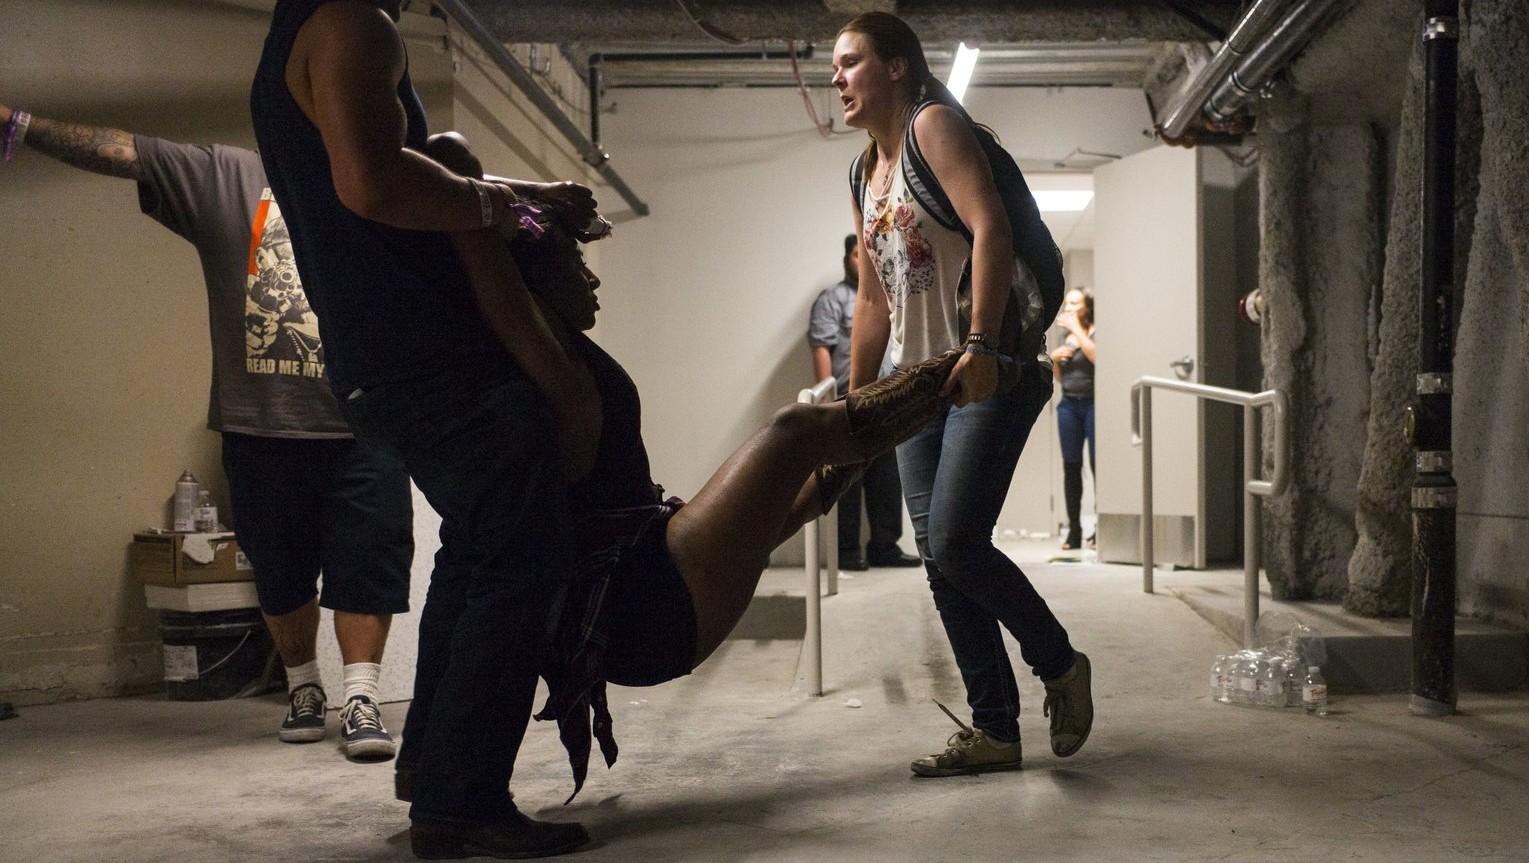 Sebesült férfit visznek a Las Vegas-i Tropicana szállodában 2017. október 1-jén, miután több embert meglőtt egy fegyveres - a legfrissebb jelentés szerint, amely egy kórházi szóvivőre hivatkozik, az incidensnek két halálos és 24 sebesült áldozata van; az elkövetőt a rendőrök lelőtték (Fotó: MTI/AP/Las Vegas Review-Journal/Chase Stevens)